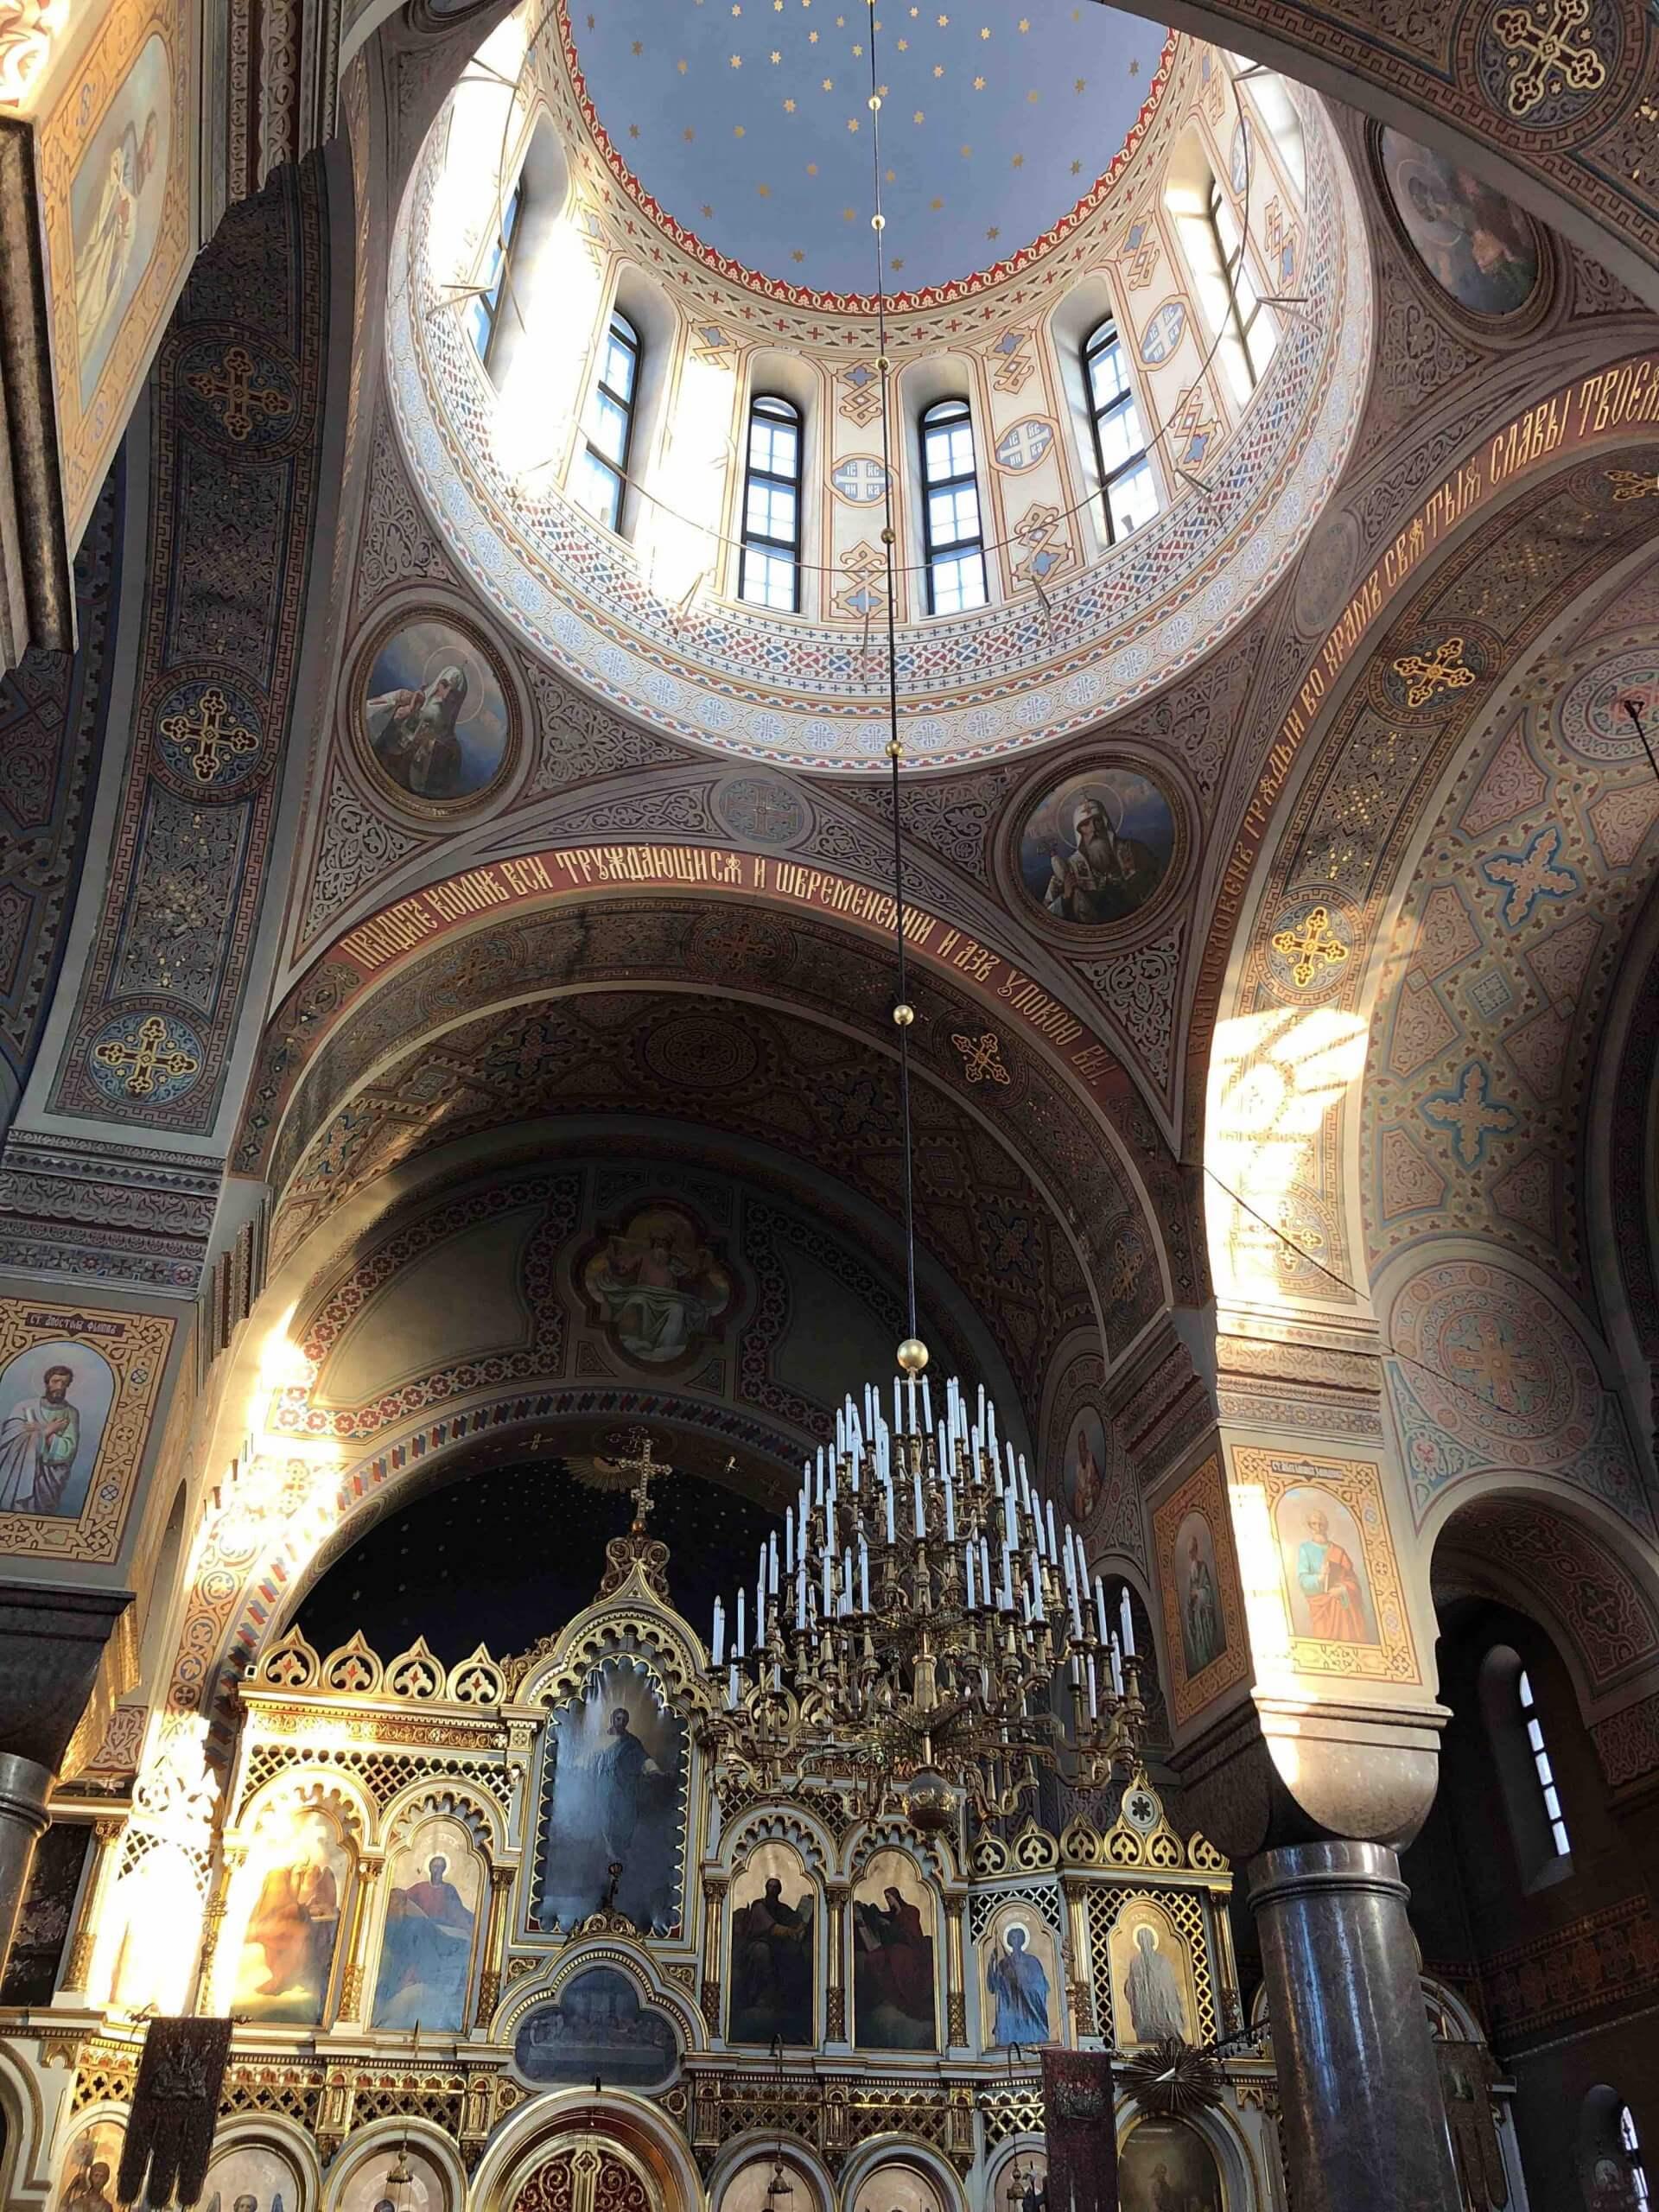 ウスペンスキー寺院上部のドーム部を撮影。細部までデザインが凝っていた